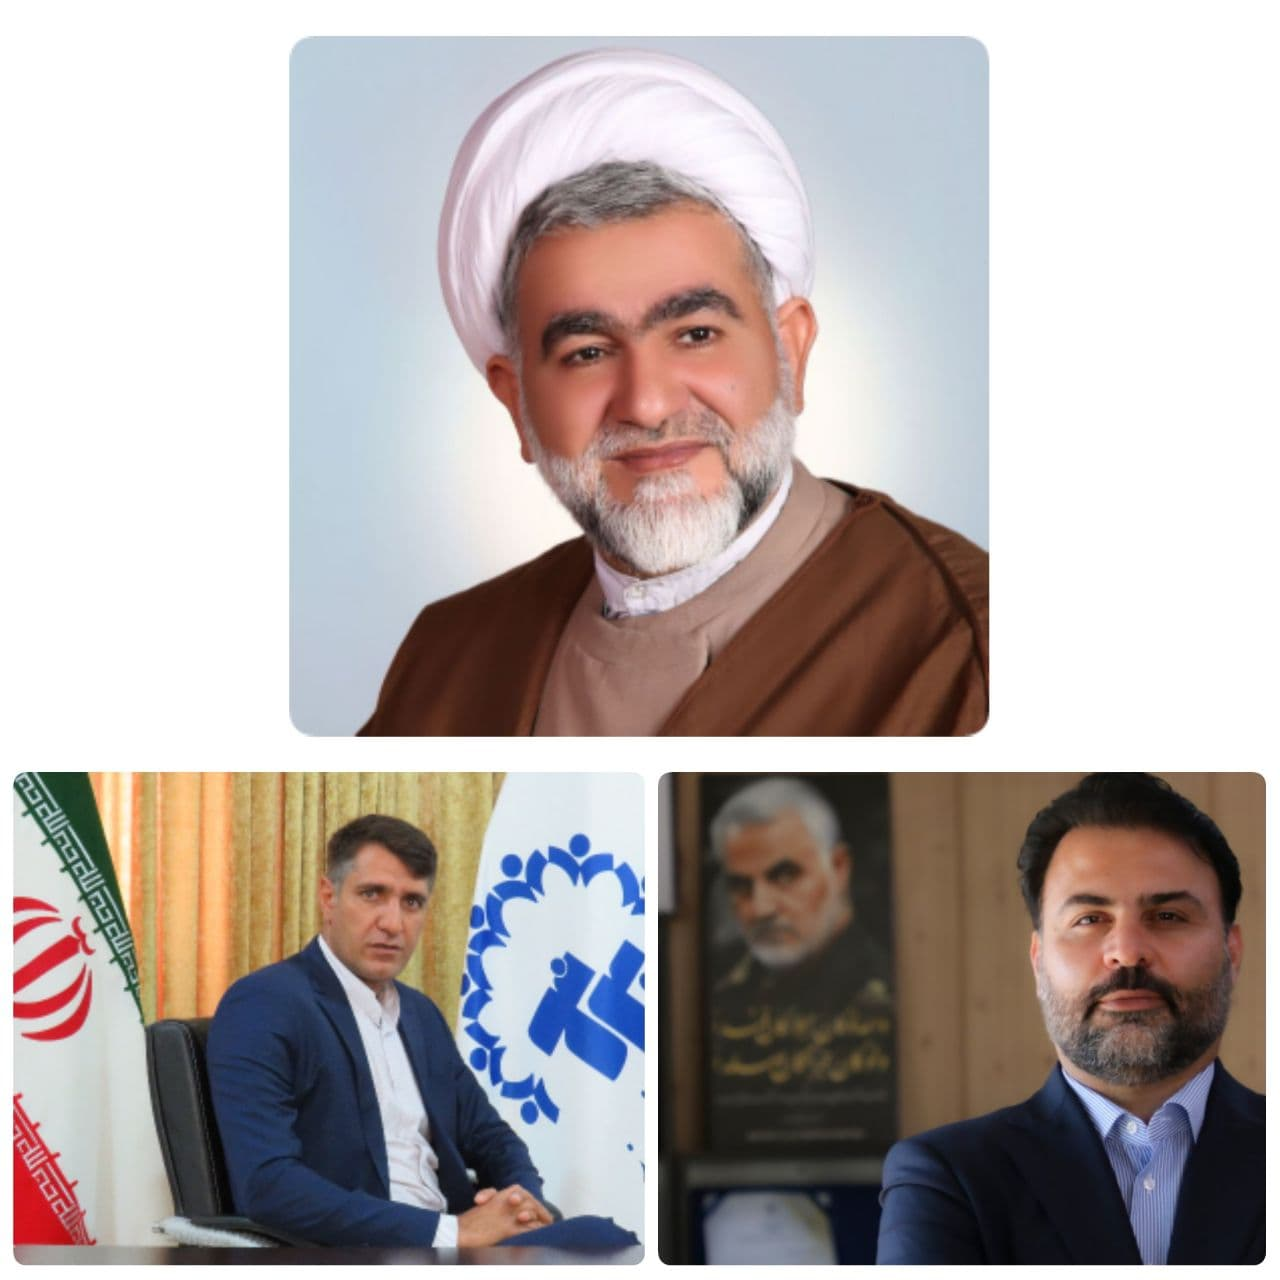 پیام تبریک شهردار و رئیس شورای اسلامی شهر پرند به مناسبت دهم آذر روز مجلس